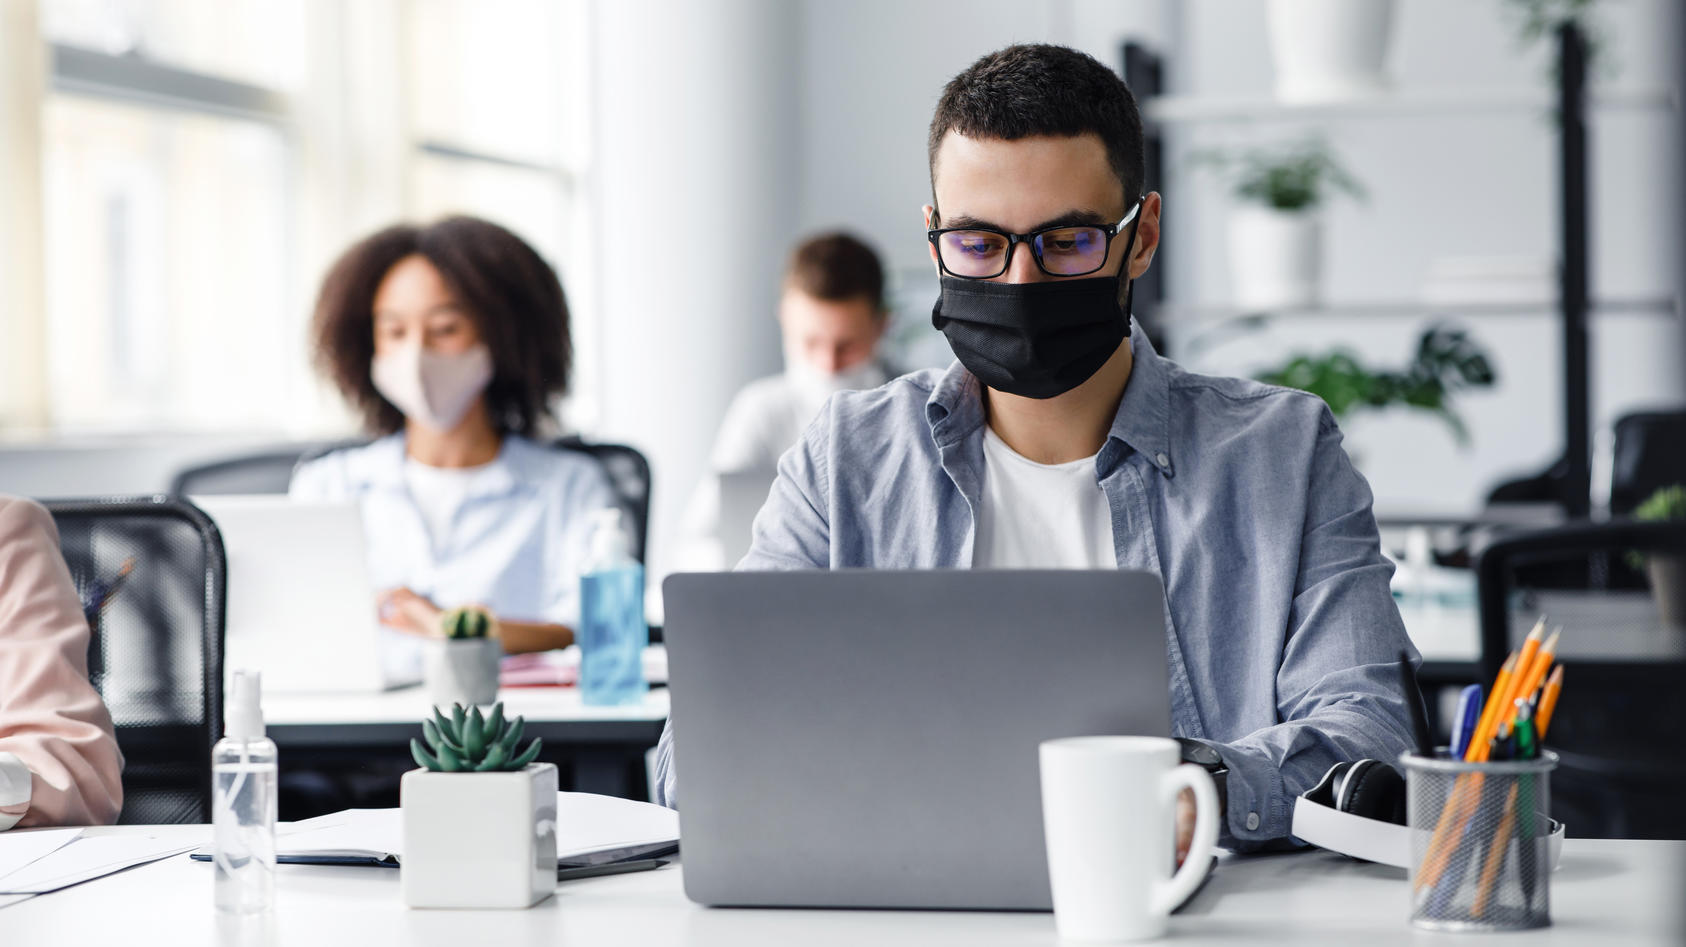 Mit Maske im Büro? Es gibt noch andere Wege, das Infektionsrisiko zu senken. Je nachdem, wo die Angestellten sitzen, ist das unterschiedlich hoch.